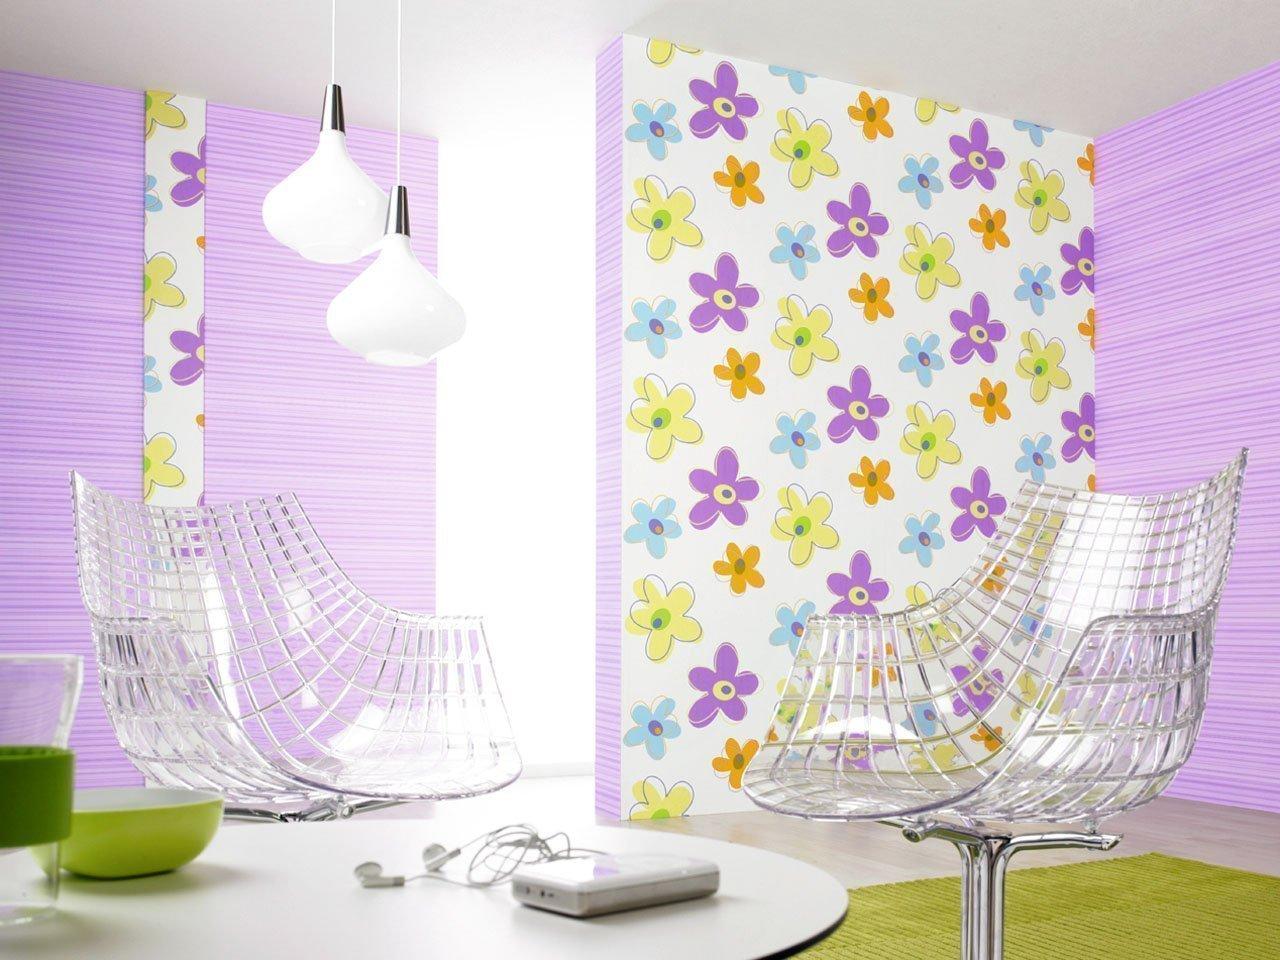 Обои с яркими цветами в интерьере